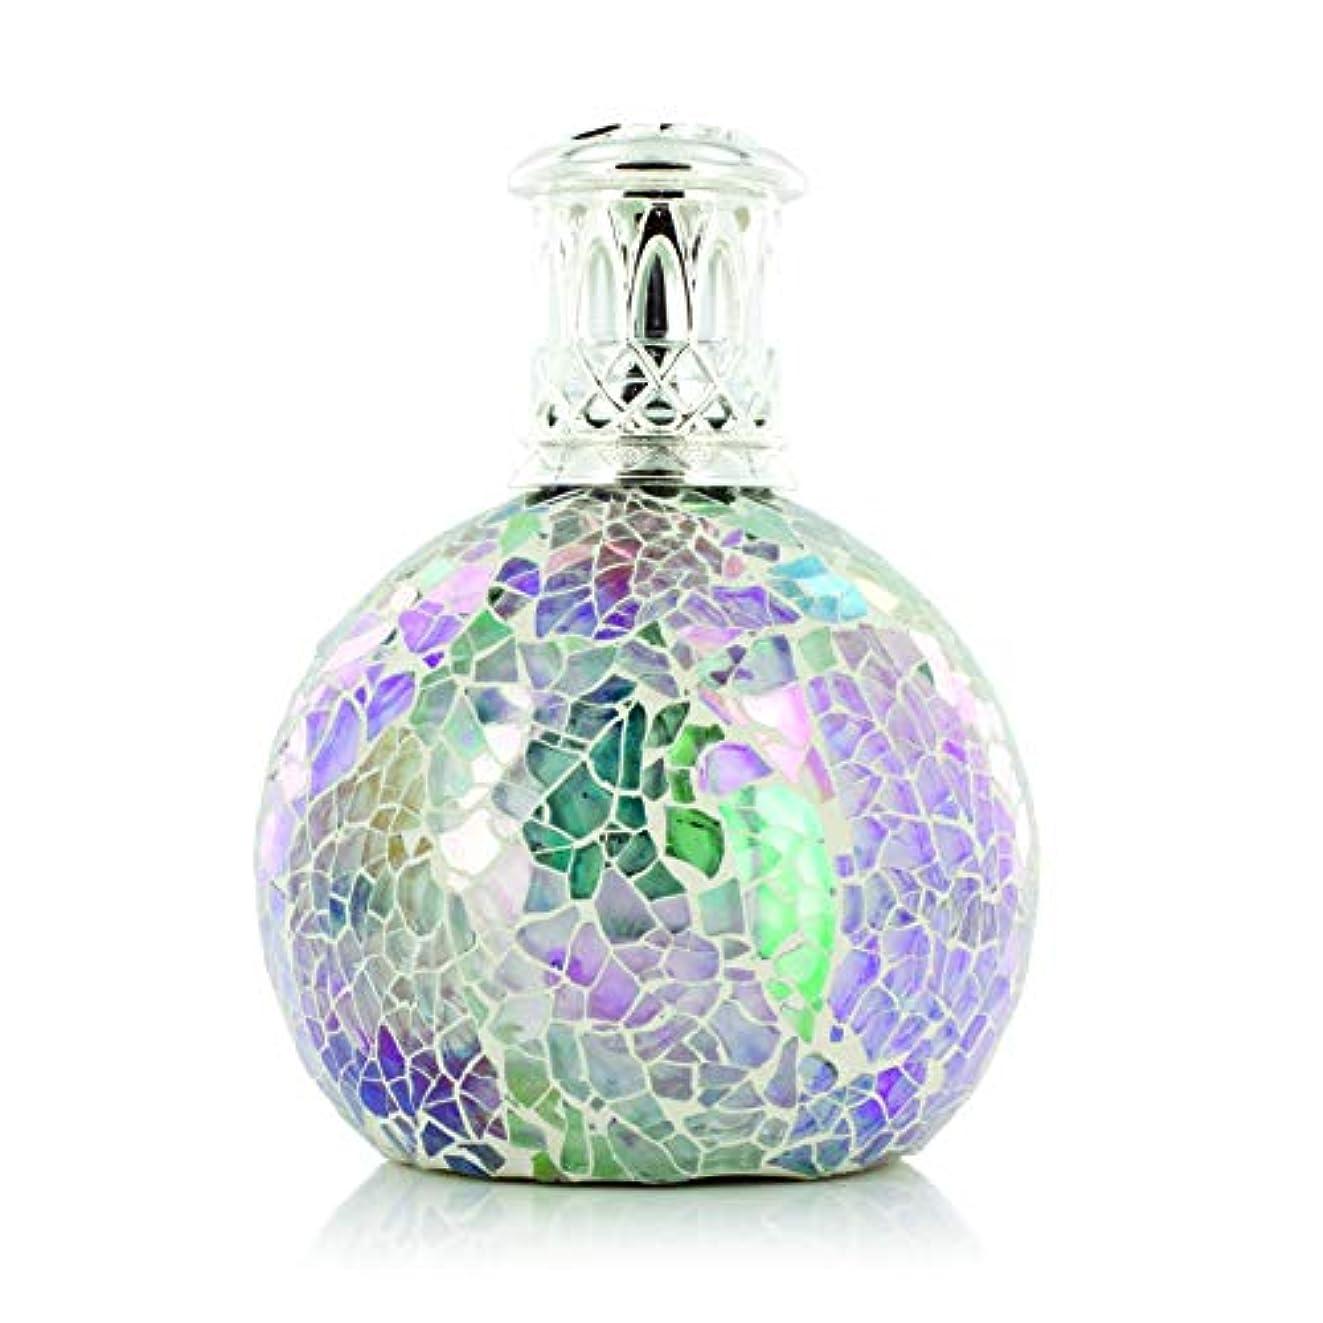 つま先論争残忍なAshleigh&Burwood フレグランスランプ S フェアリーボール FragranceLamps sizeS FairyBall アシュレイ&バーウッド